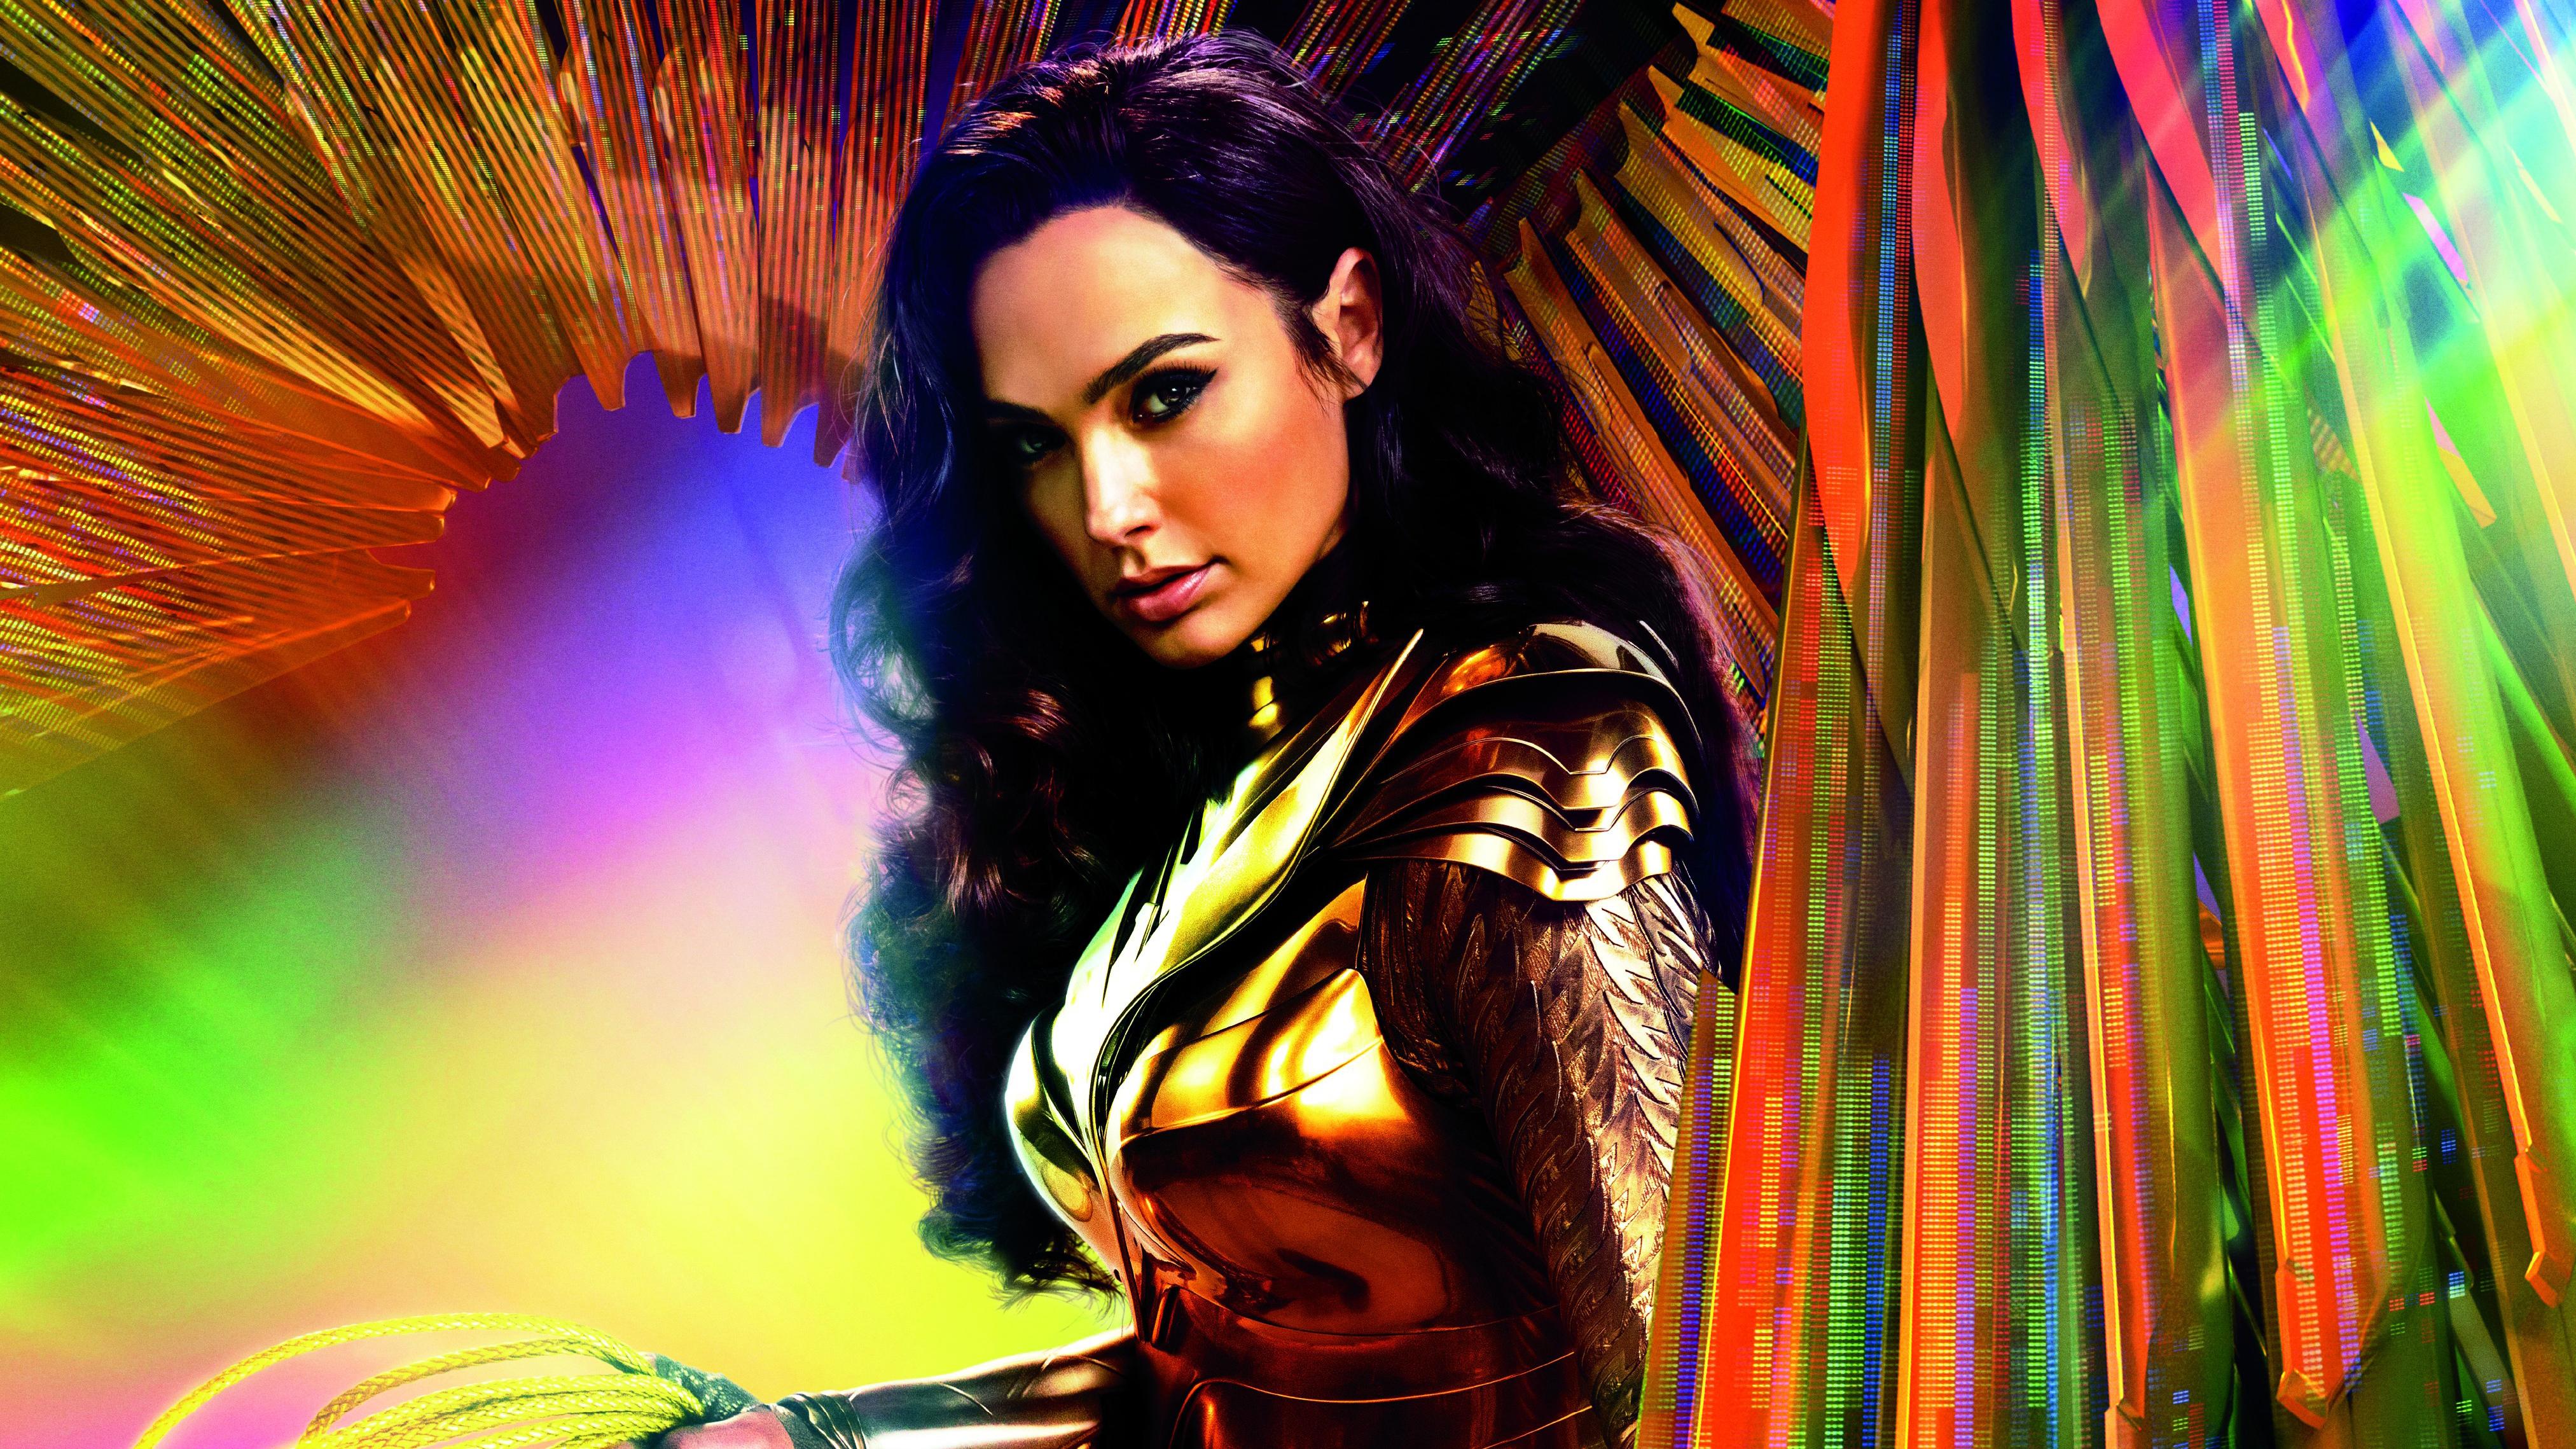 wonder woman 1984 2020 1589579233 - Wonder Woman 1984 2020 - Wonder Woman 1984 4k wallpapers, Wonder Woman 1984 2020 movie wallpapers